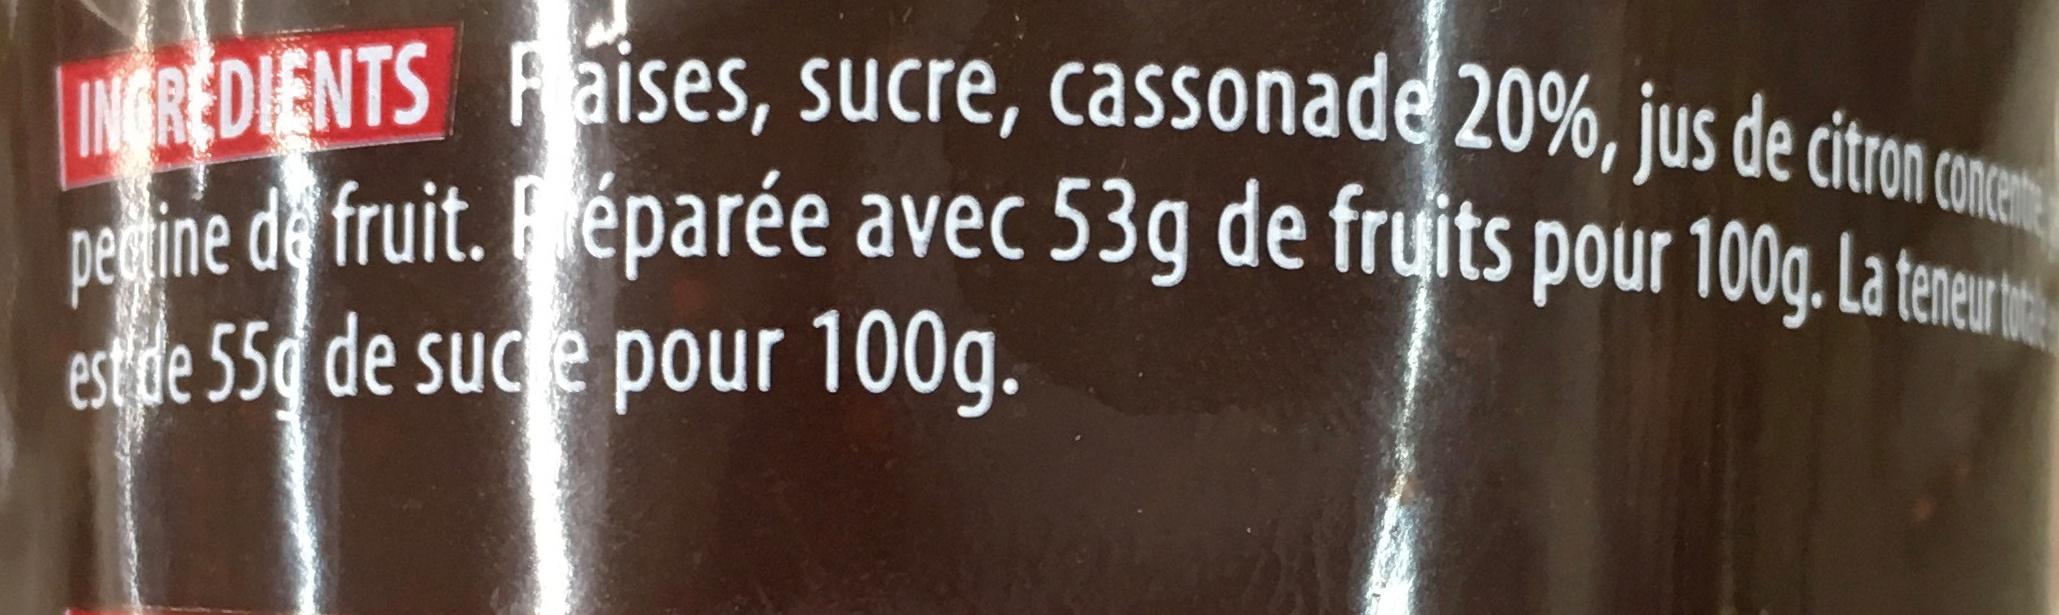 Confiture extra Fraises à la cassonade - Ingrédients - fr